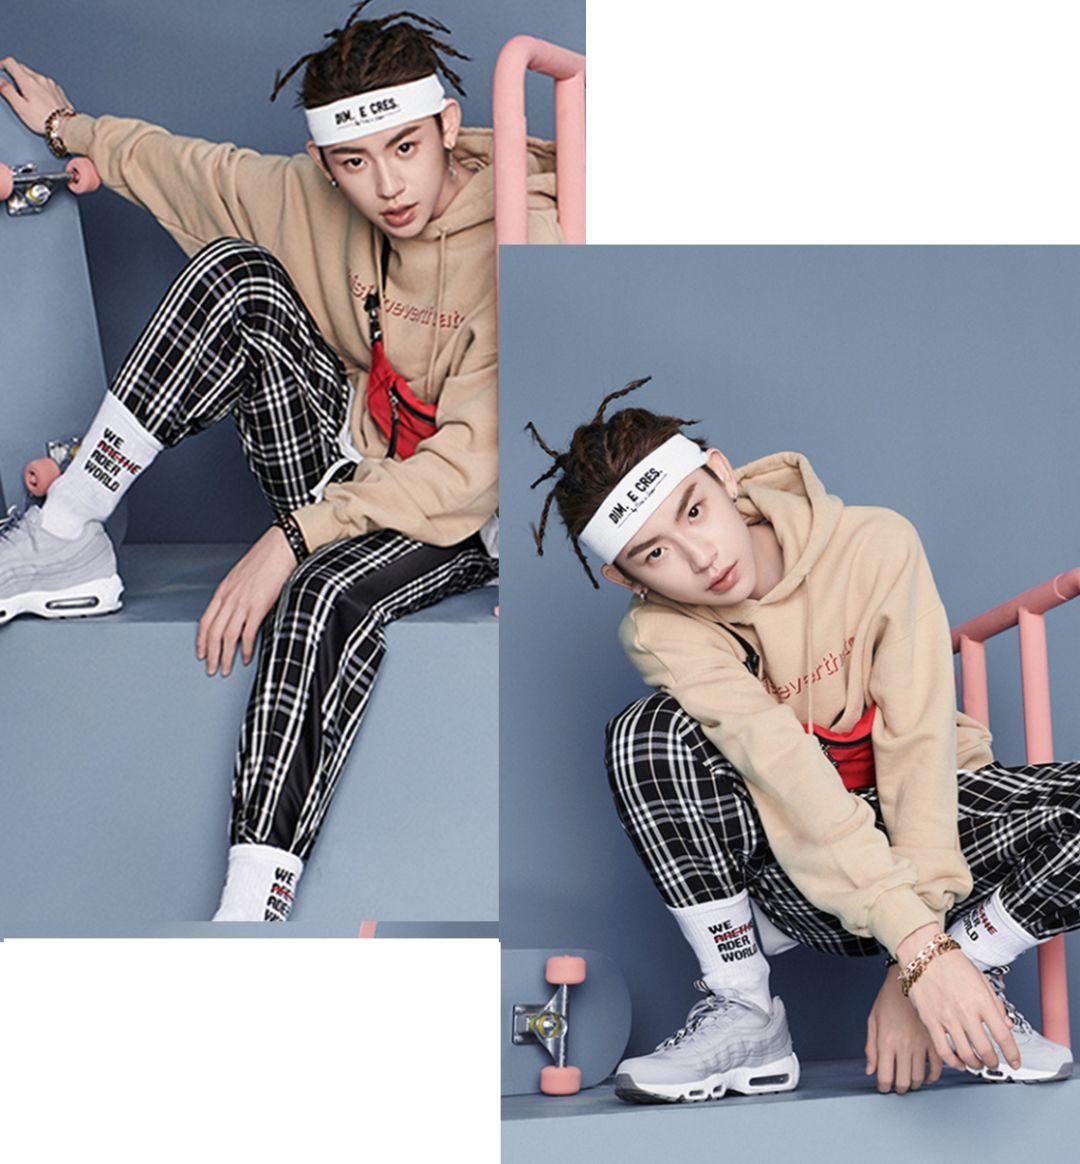 时尚 正文  # 小鬼王琳凯 # 从《中国有嘻哈》到《偶像练习生》,小鬼